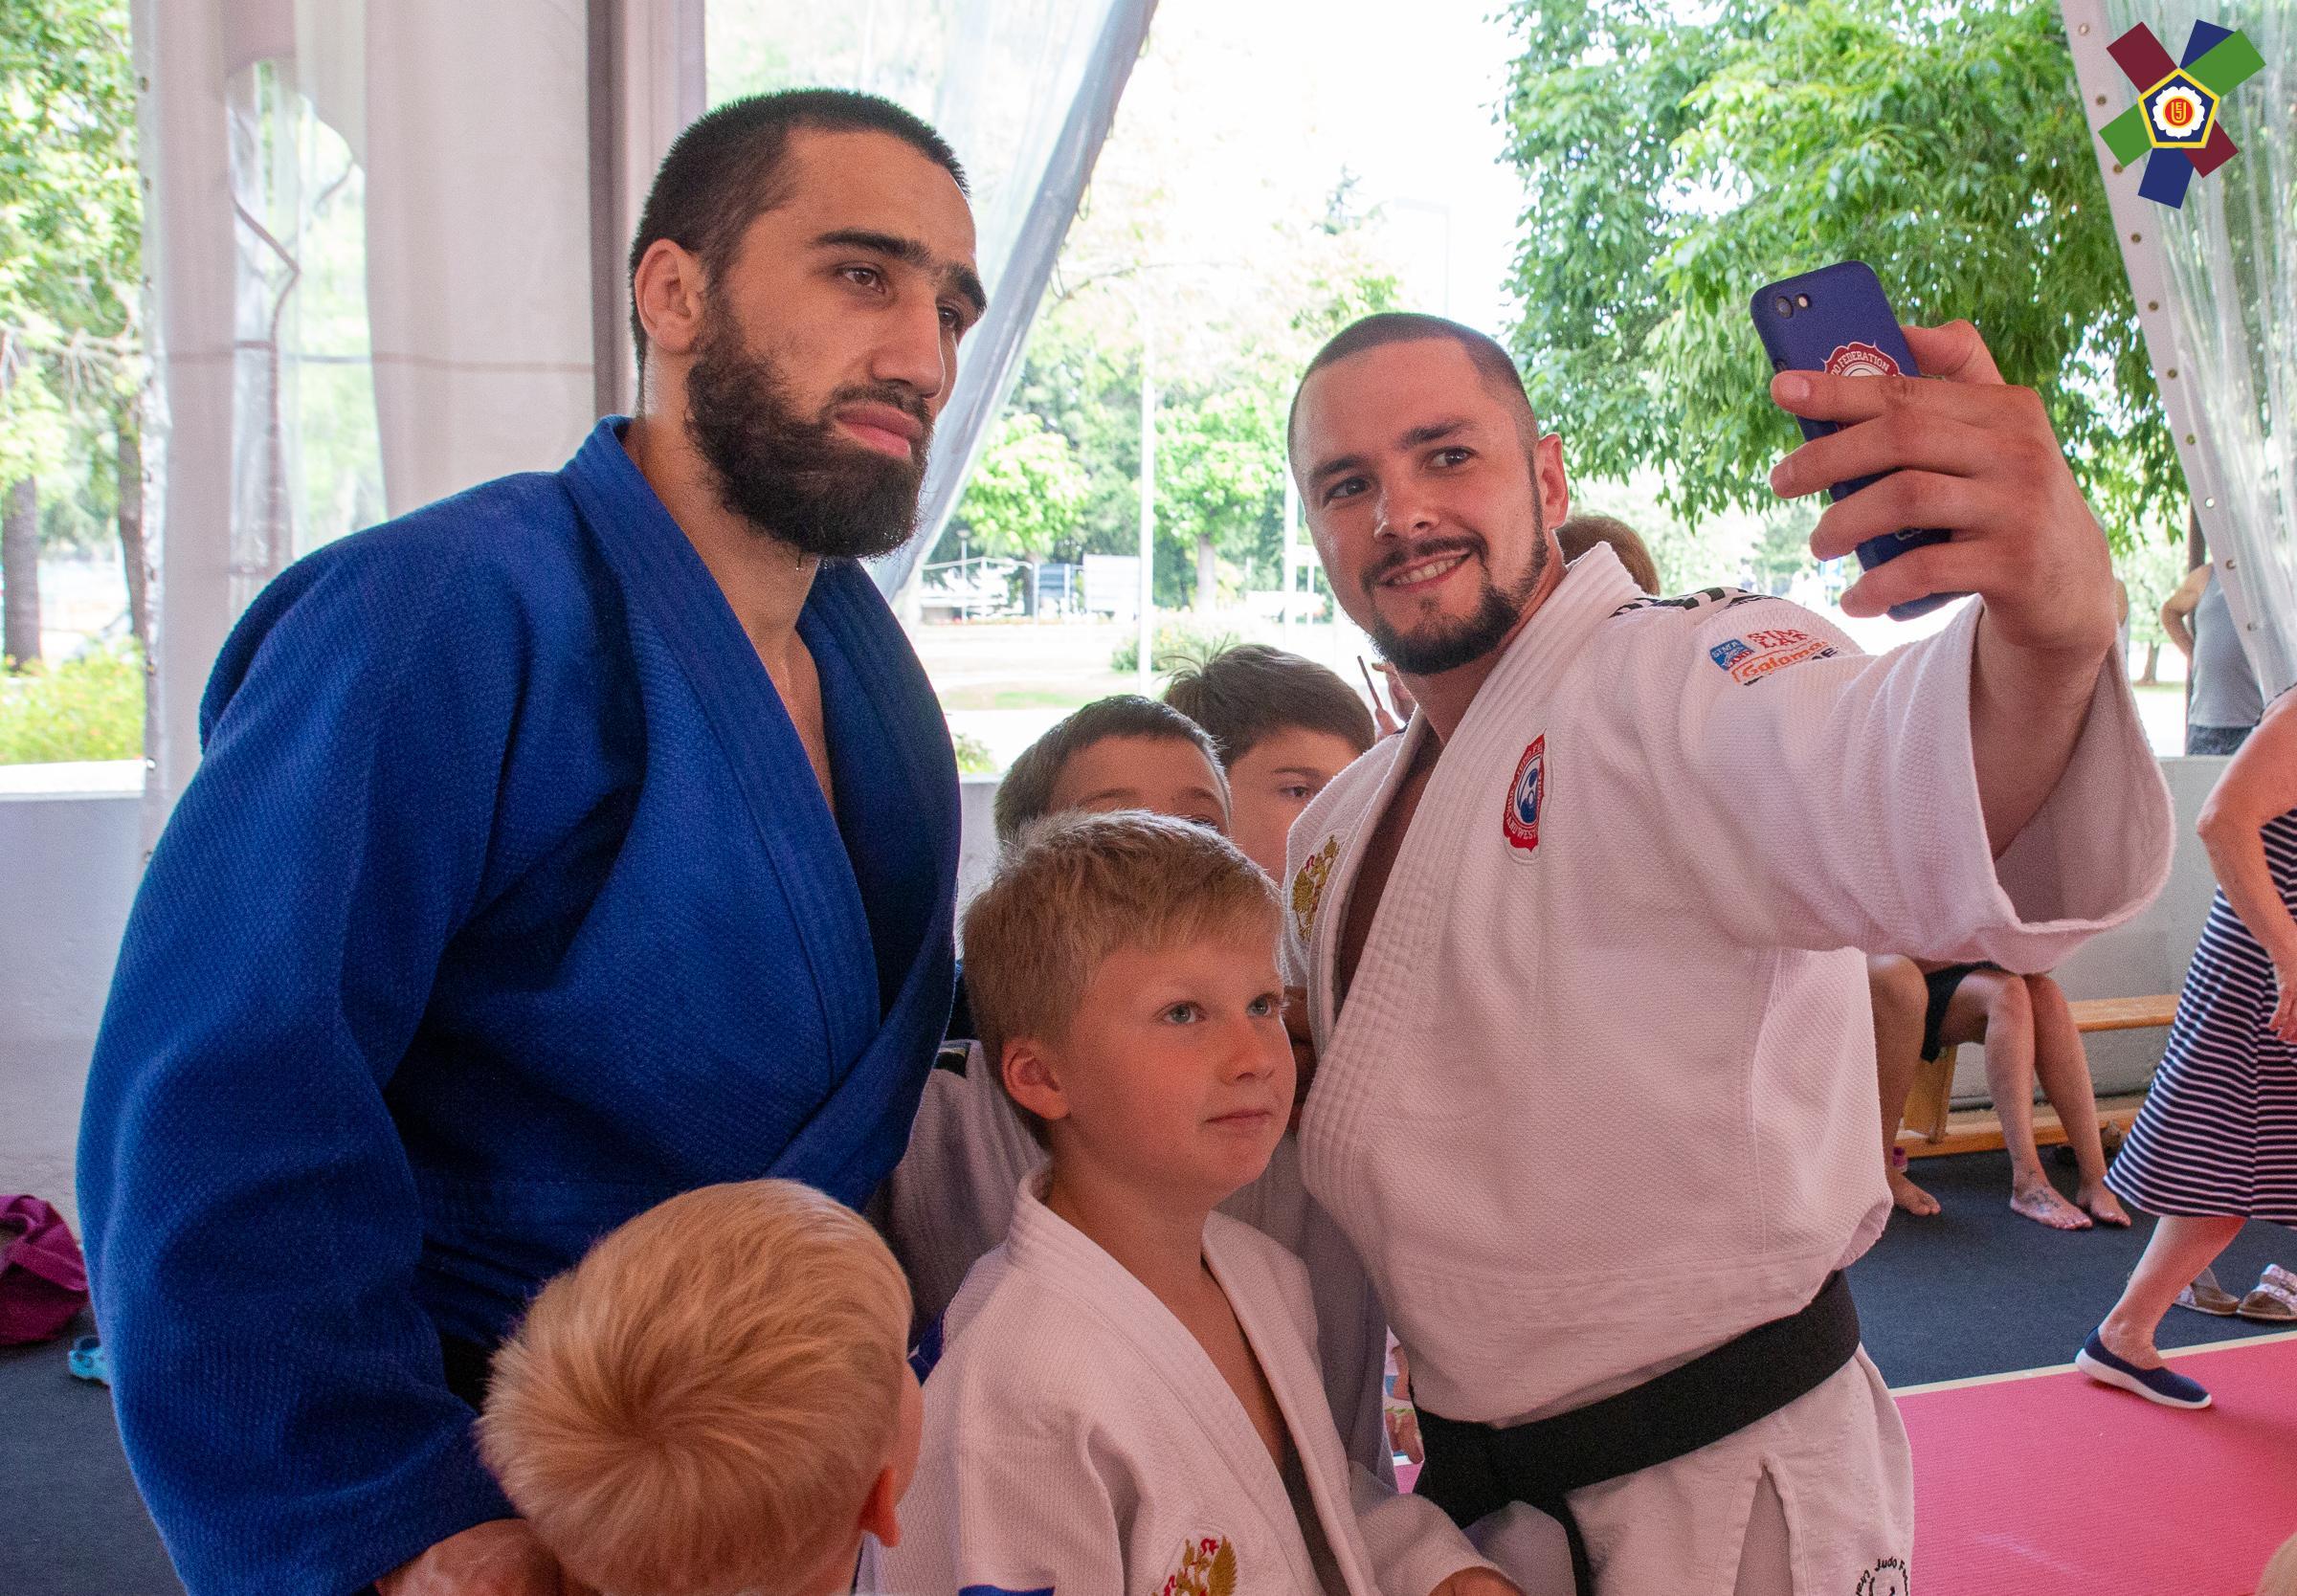 EJU-6th--Judo-Festival-Porec-2019-06-10-Sören-Starke-366321